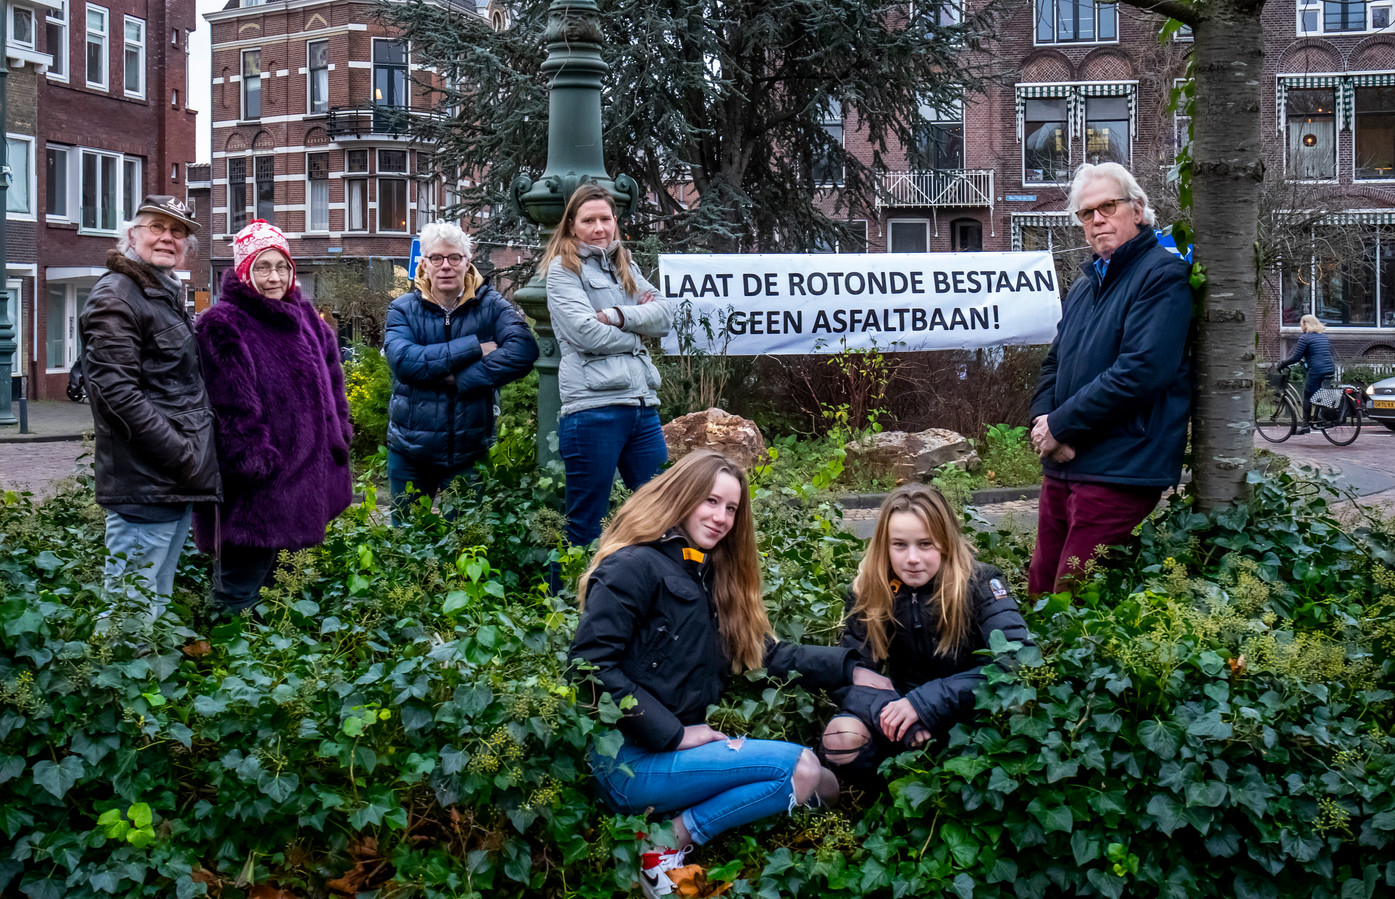 Bewoners van de Weerdsingel Oostzijde protesteren al langer tegen vervanging van de klinkers door rood asfalt.